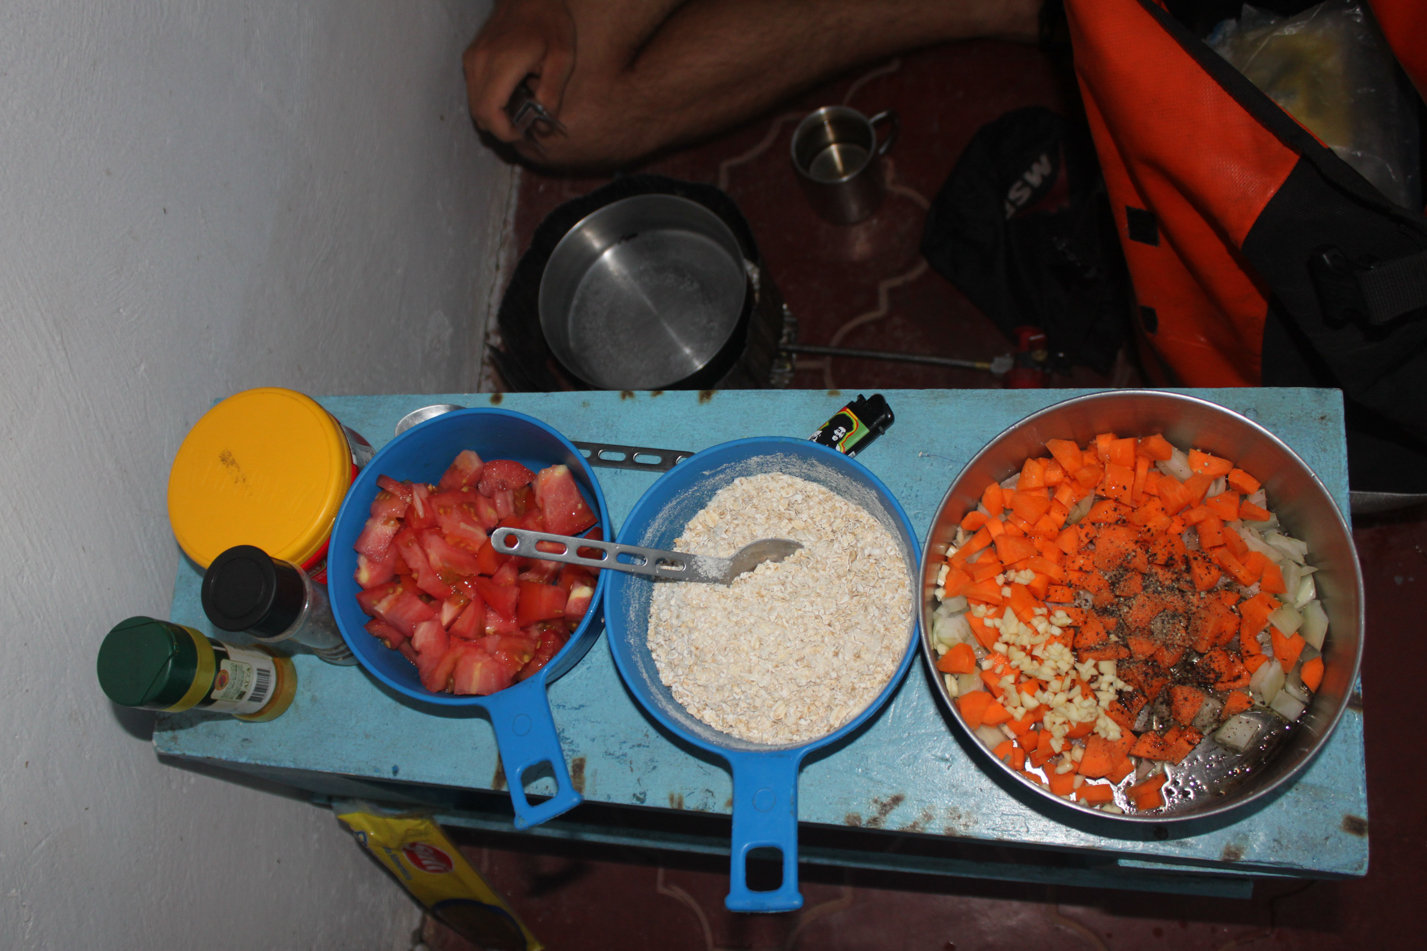 Kochzutaten für das Frühstück und das Abendbrot.